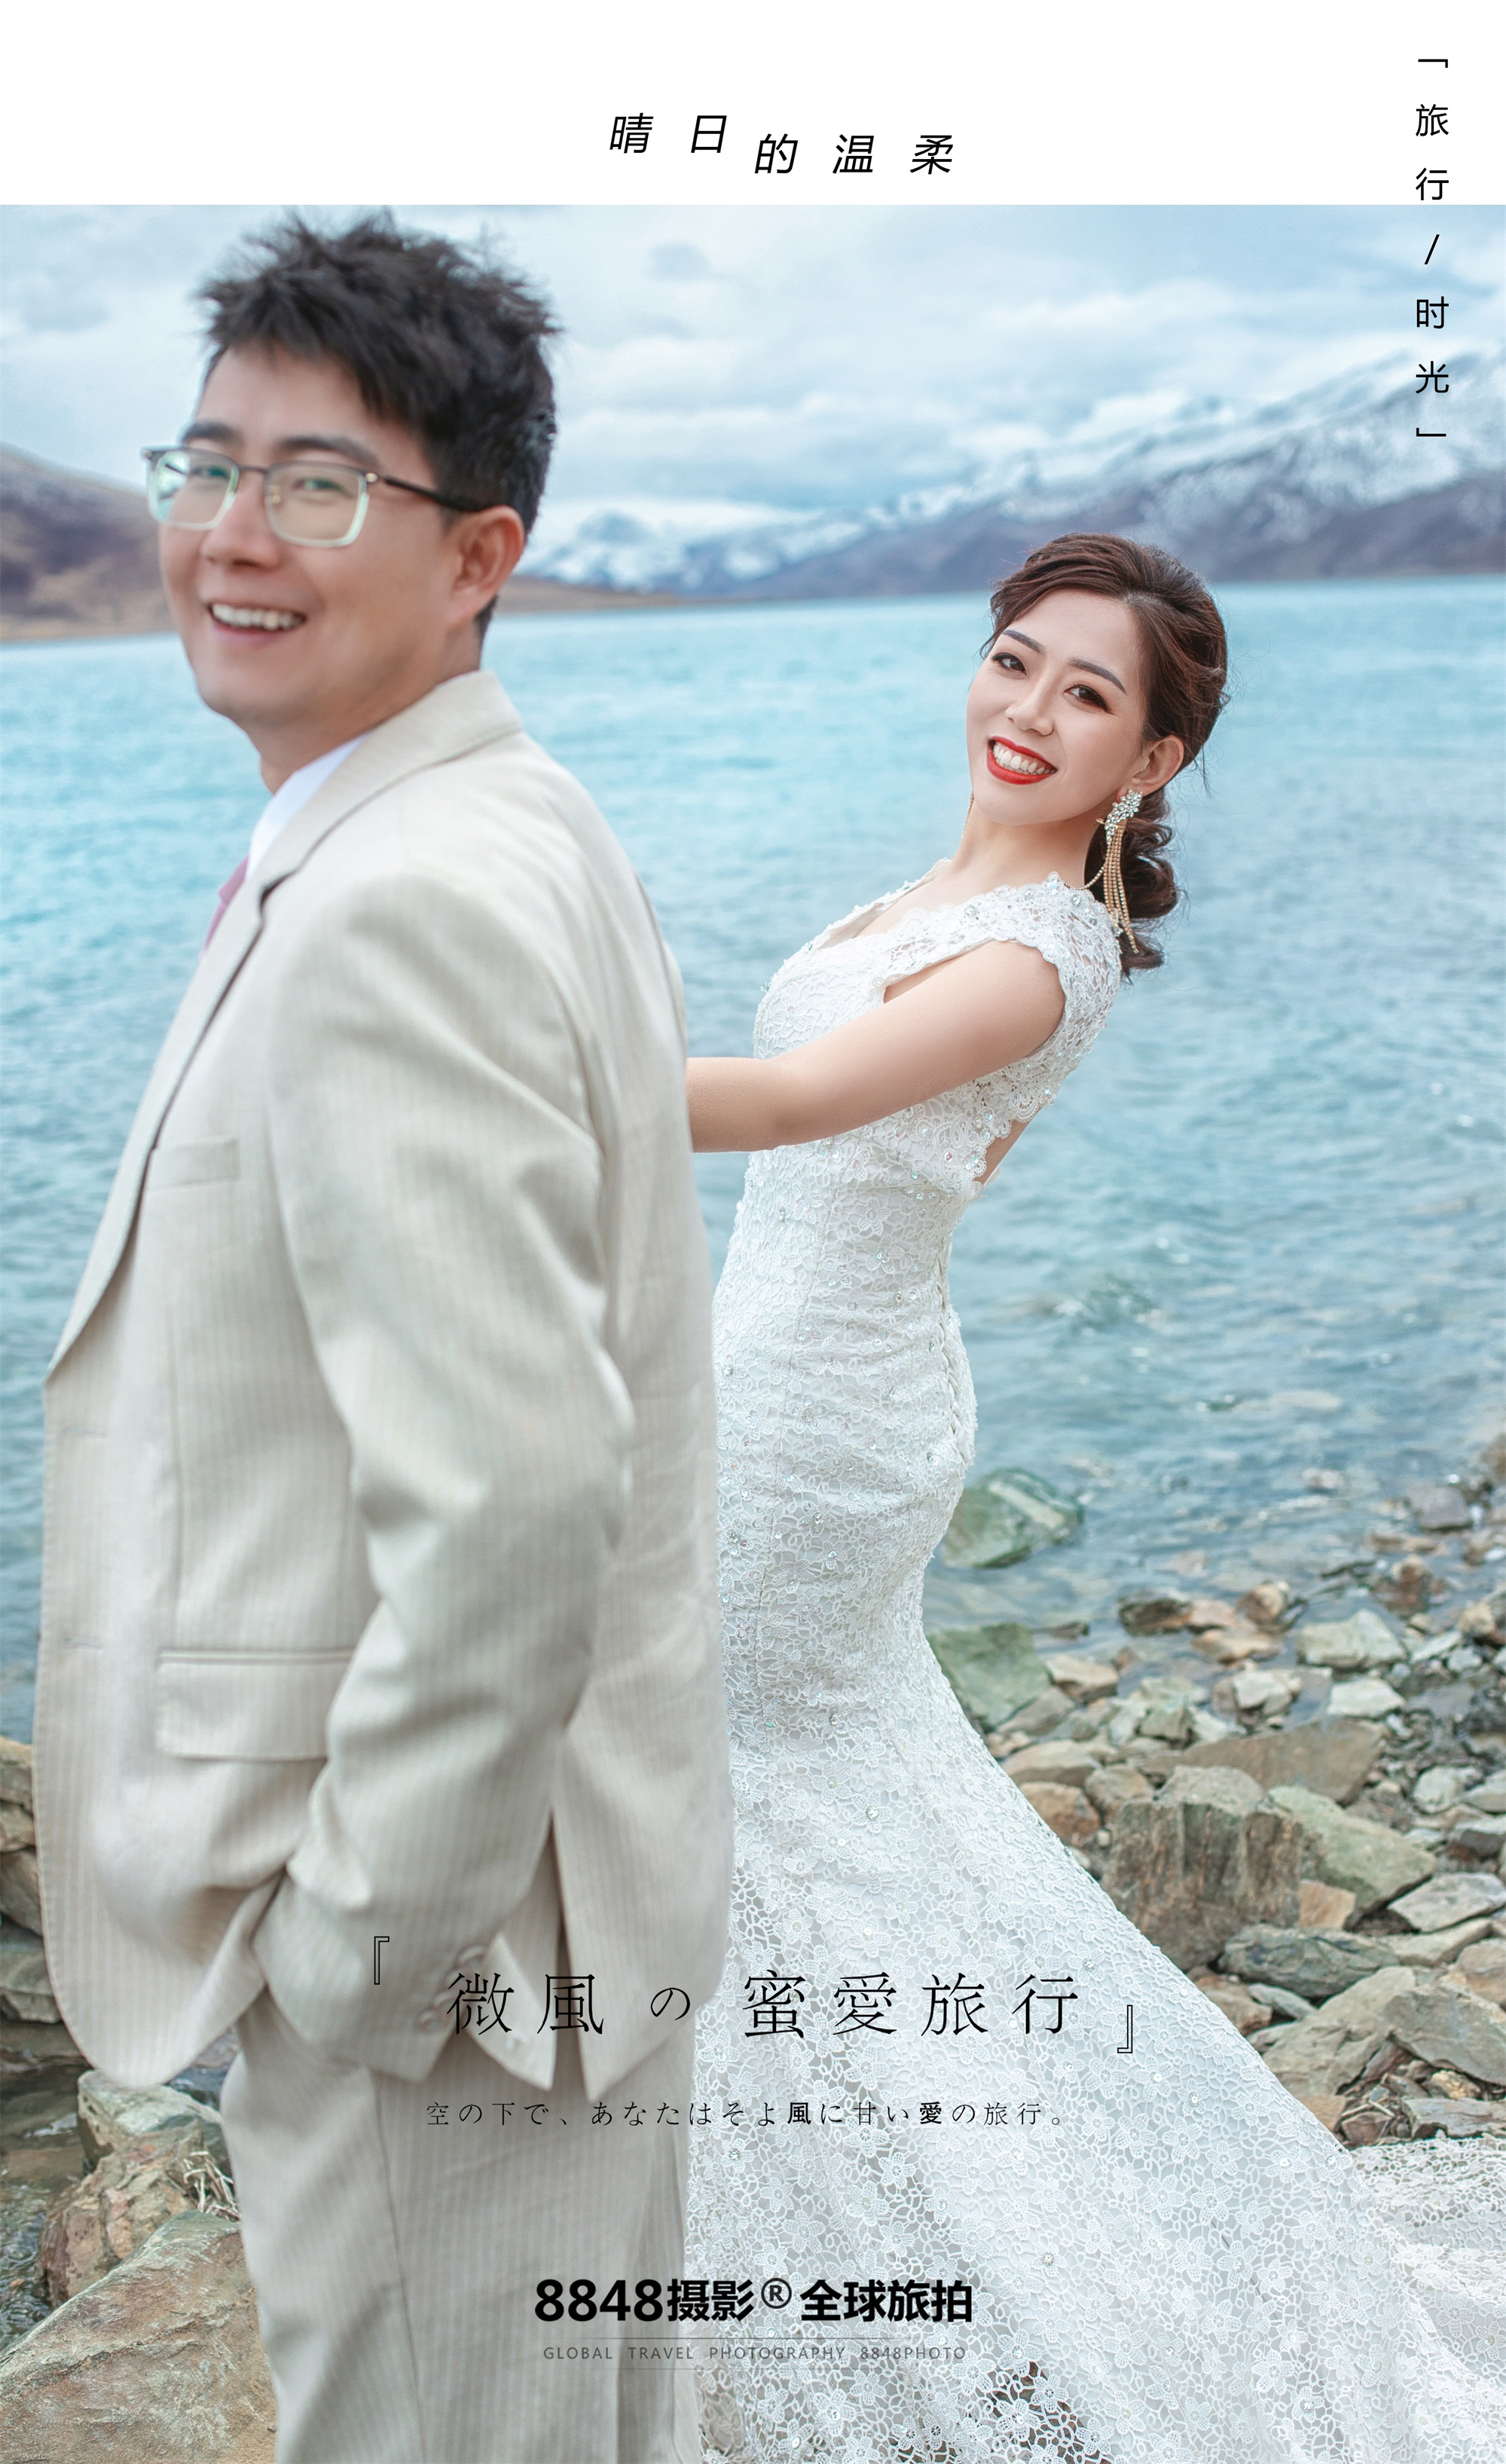 西藏 │ 带你去看雪